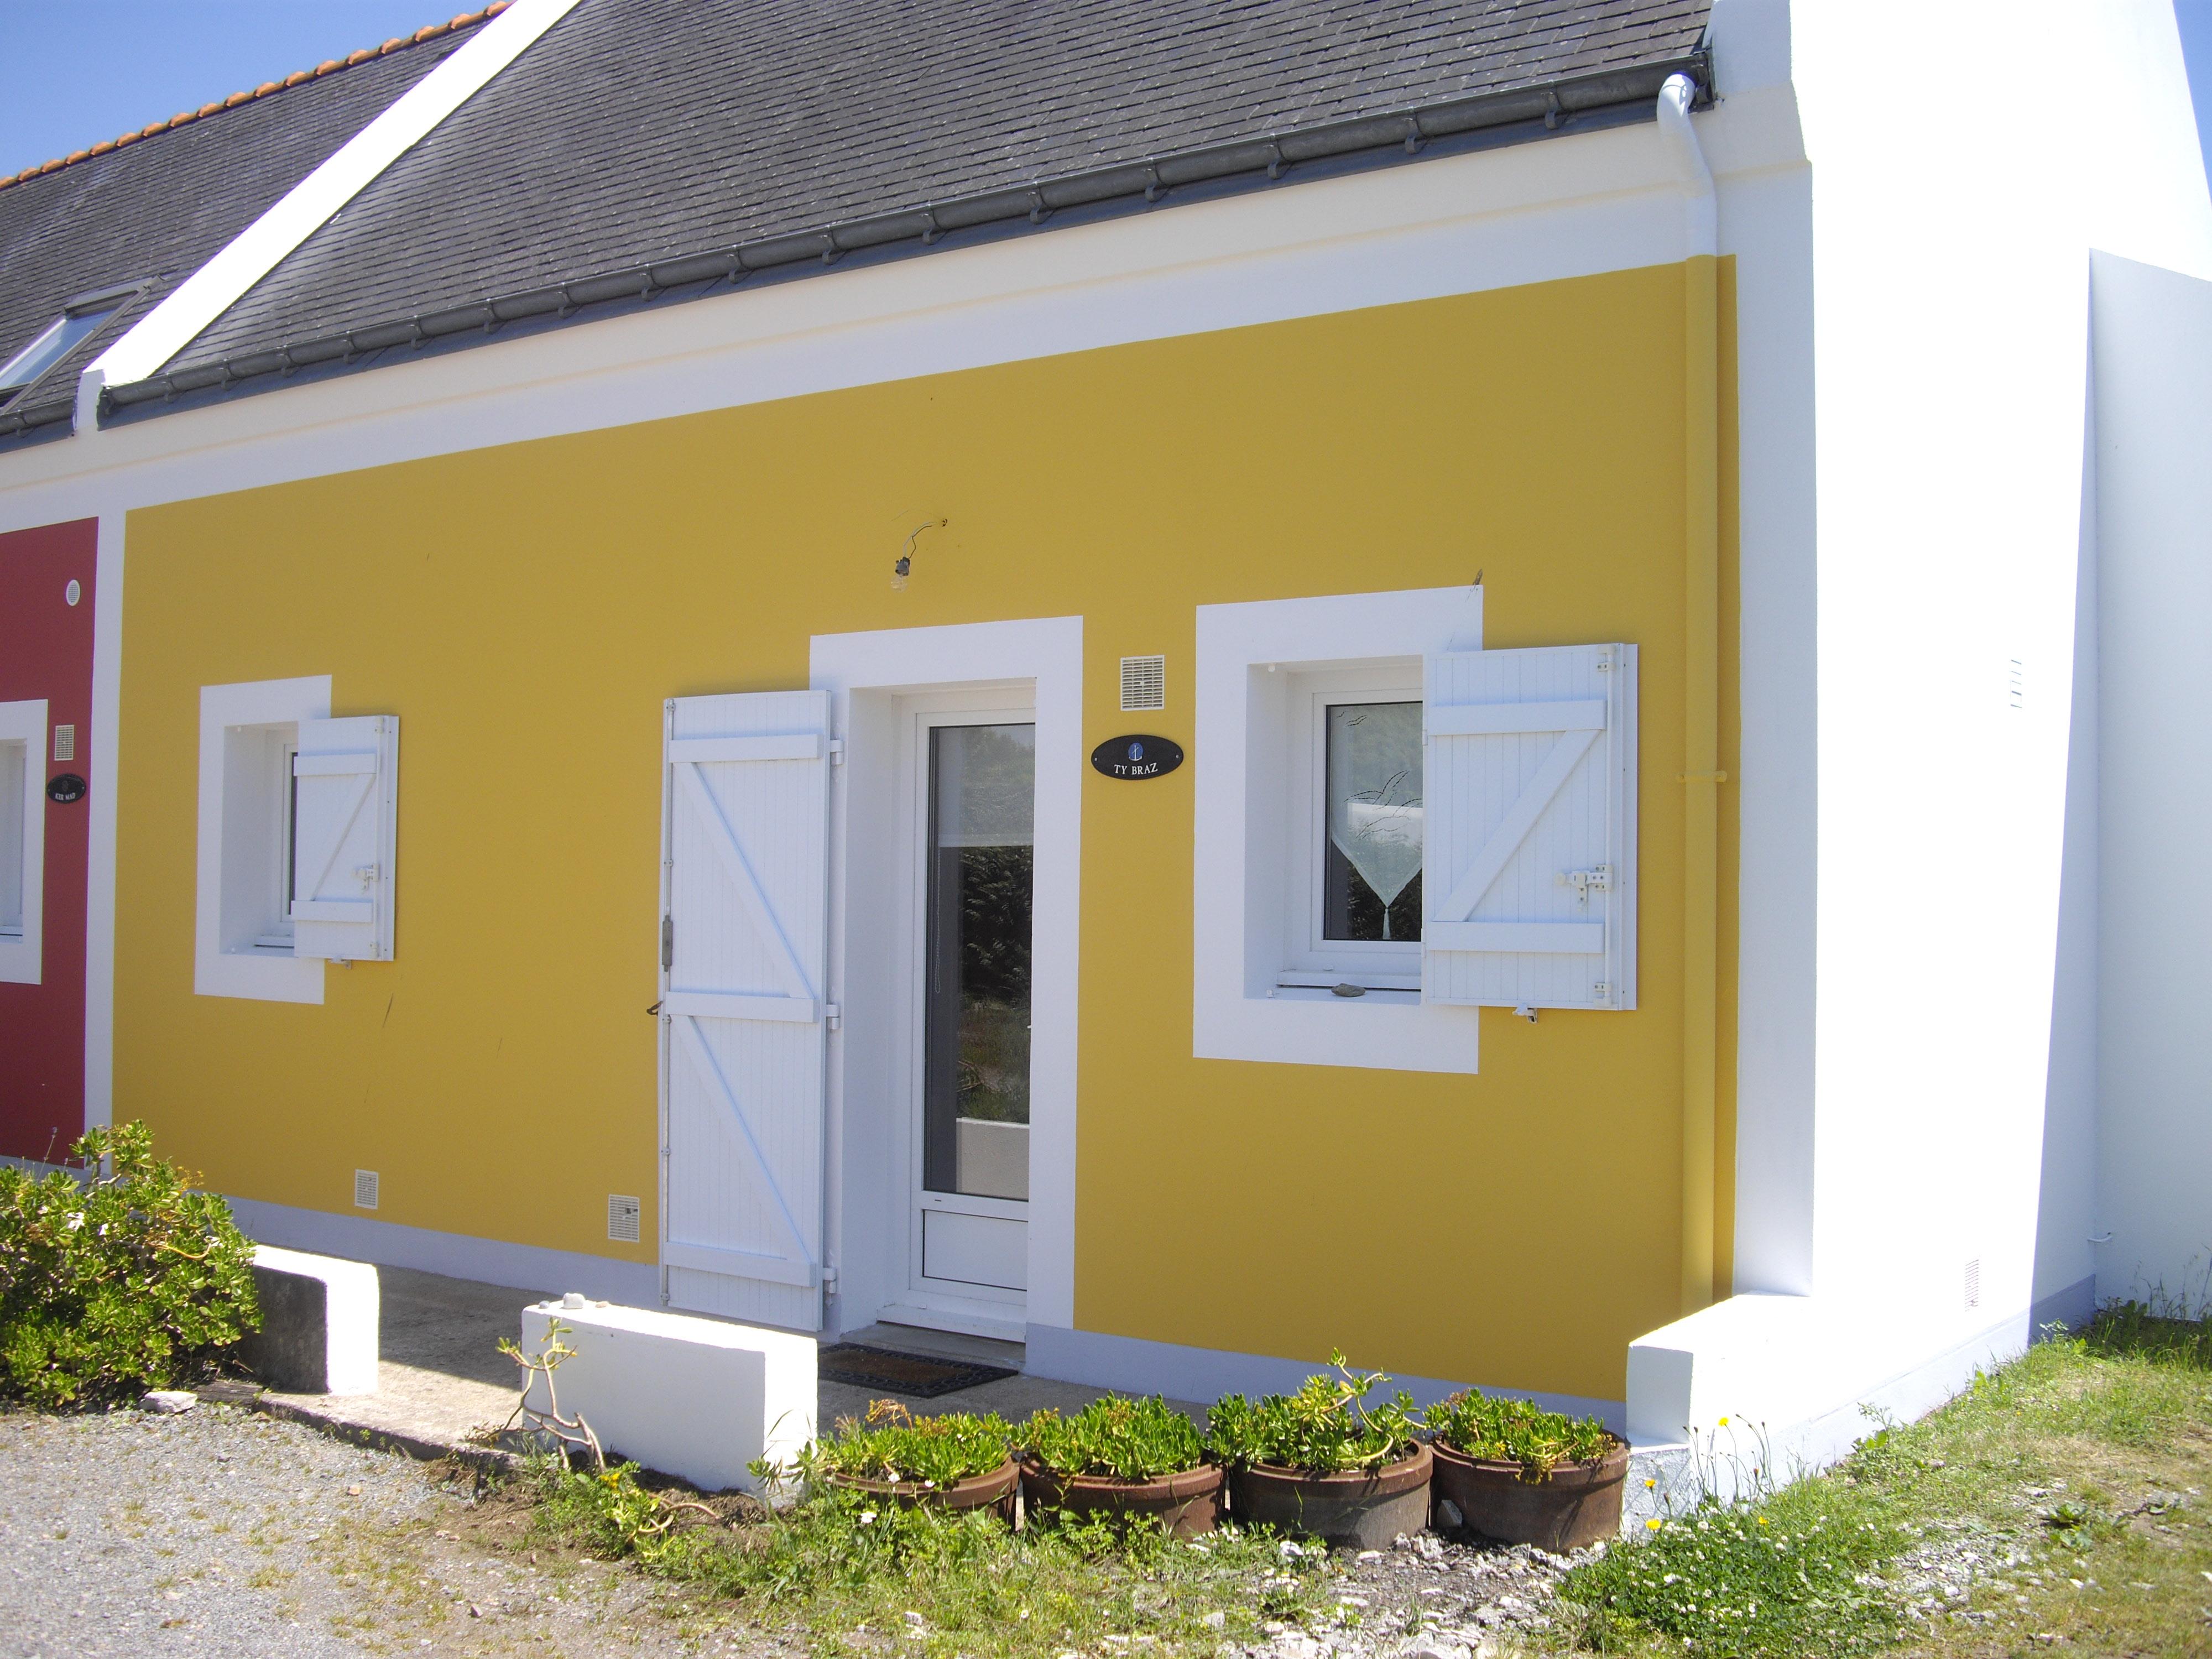 Location Kervilahouen Vacances  partir de 190€ semaine